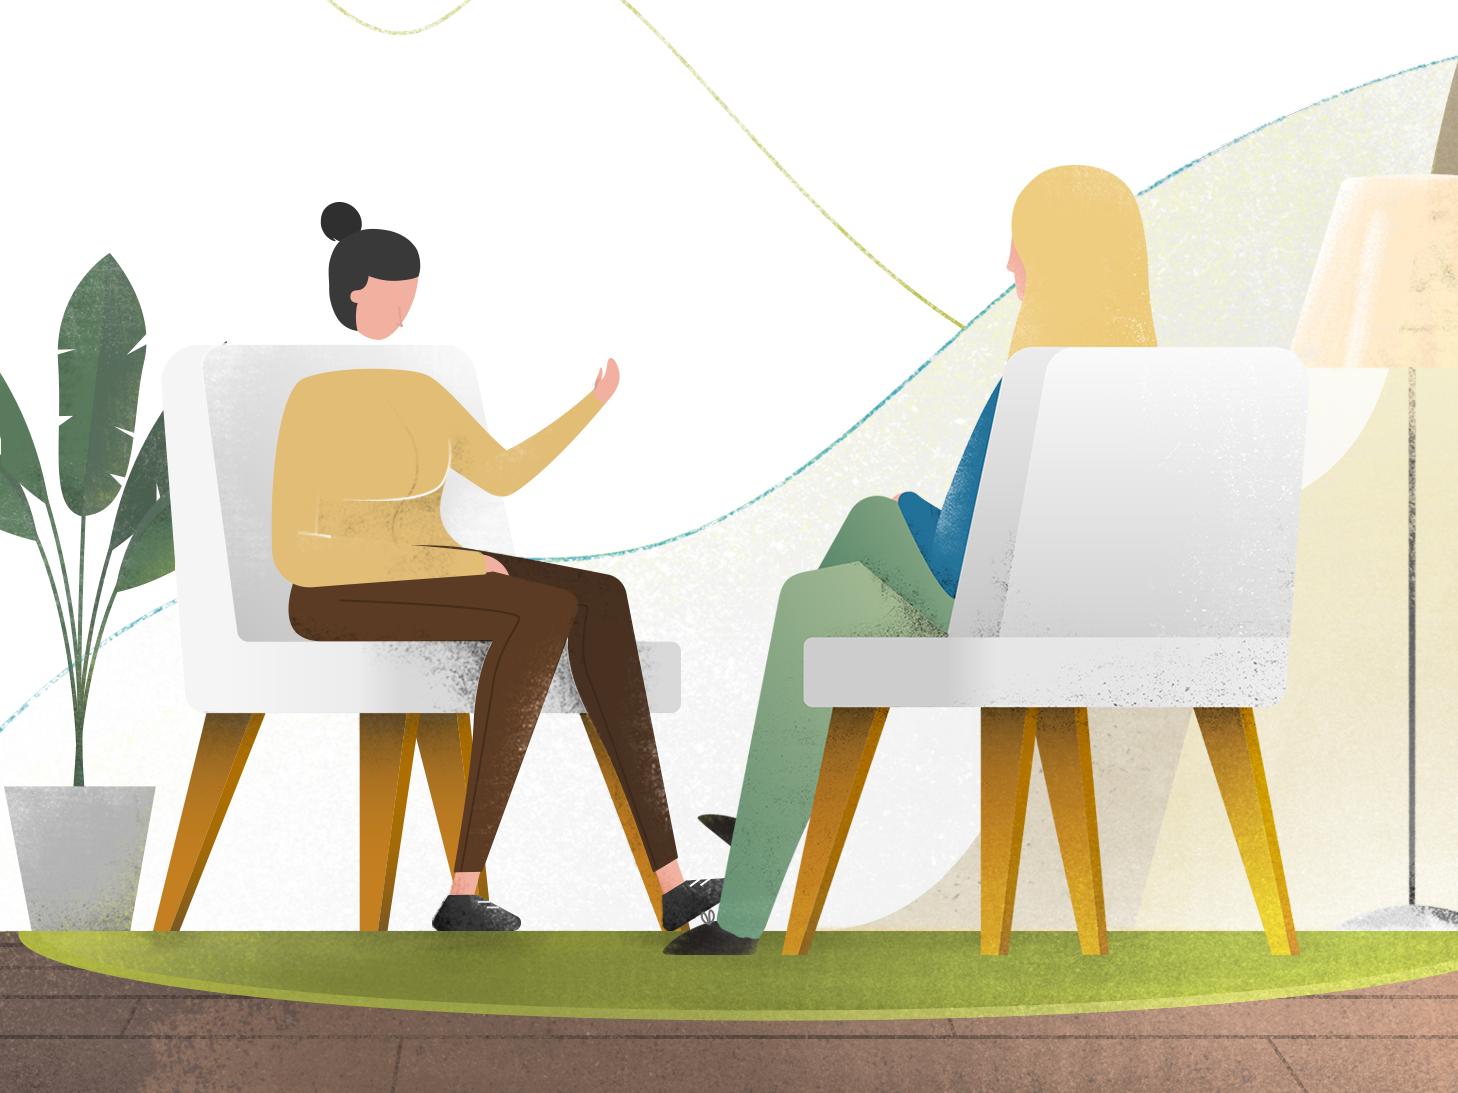 همه آنچه قبل از رزرو اولین جلسه مشاوره فردی باید بدانید؟